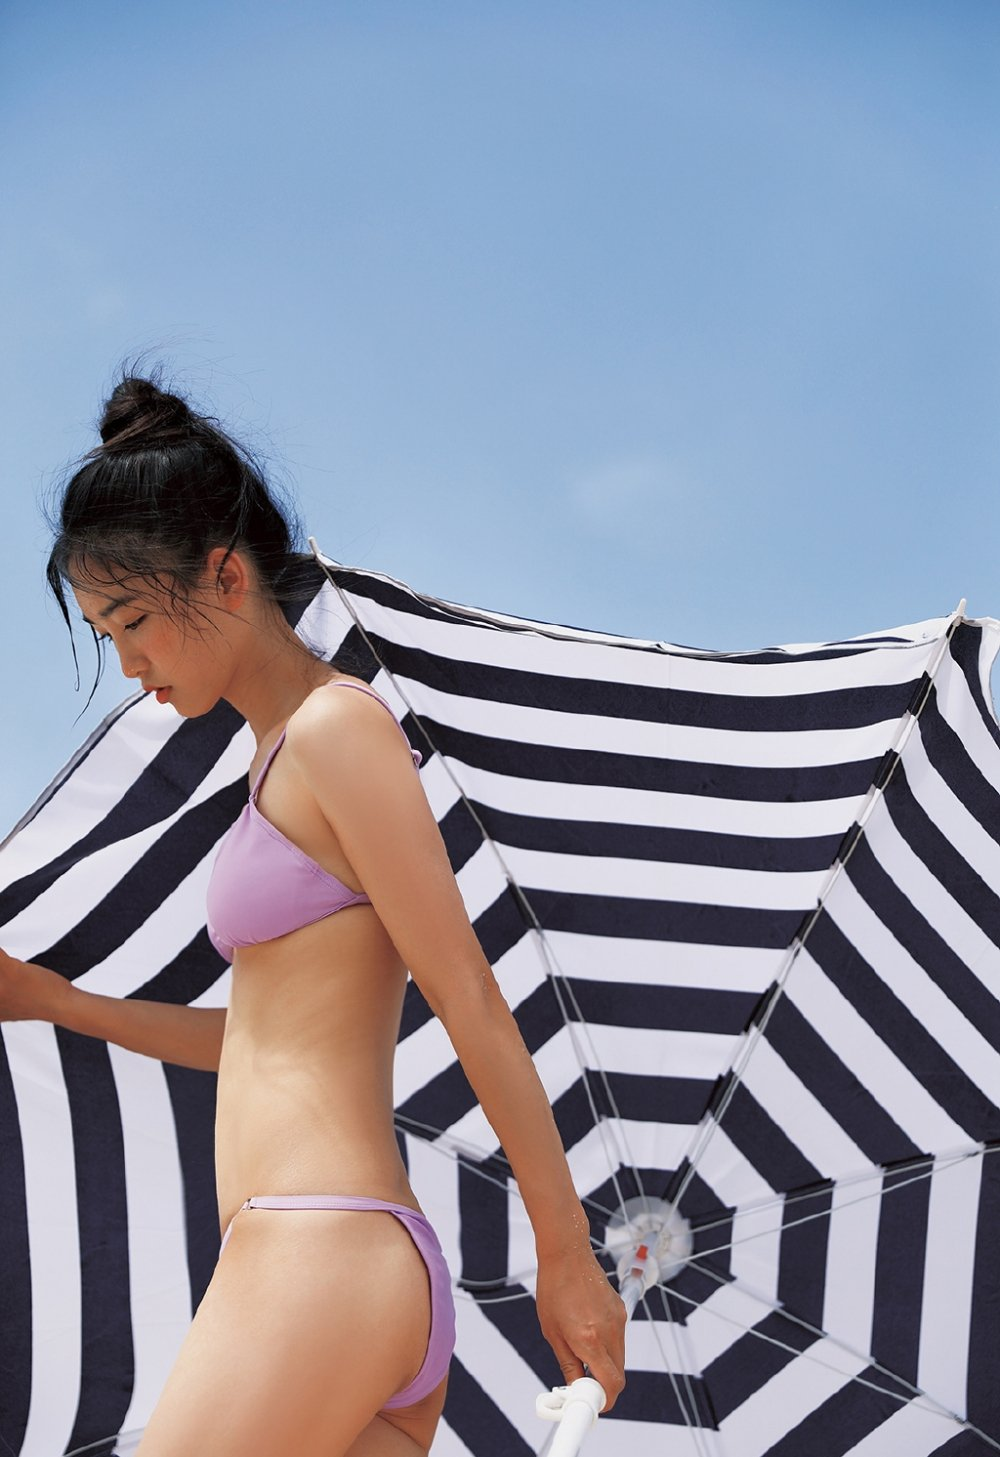 沙滩美女比基尼泛红小脸蛋丰满诱人图集